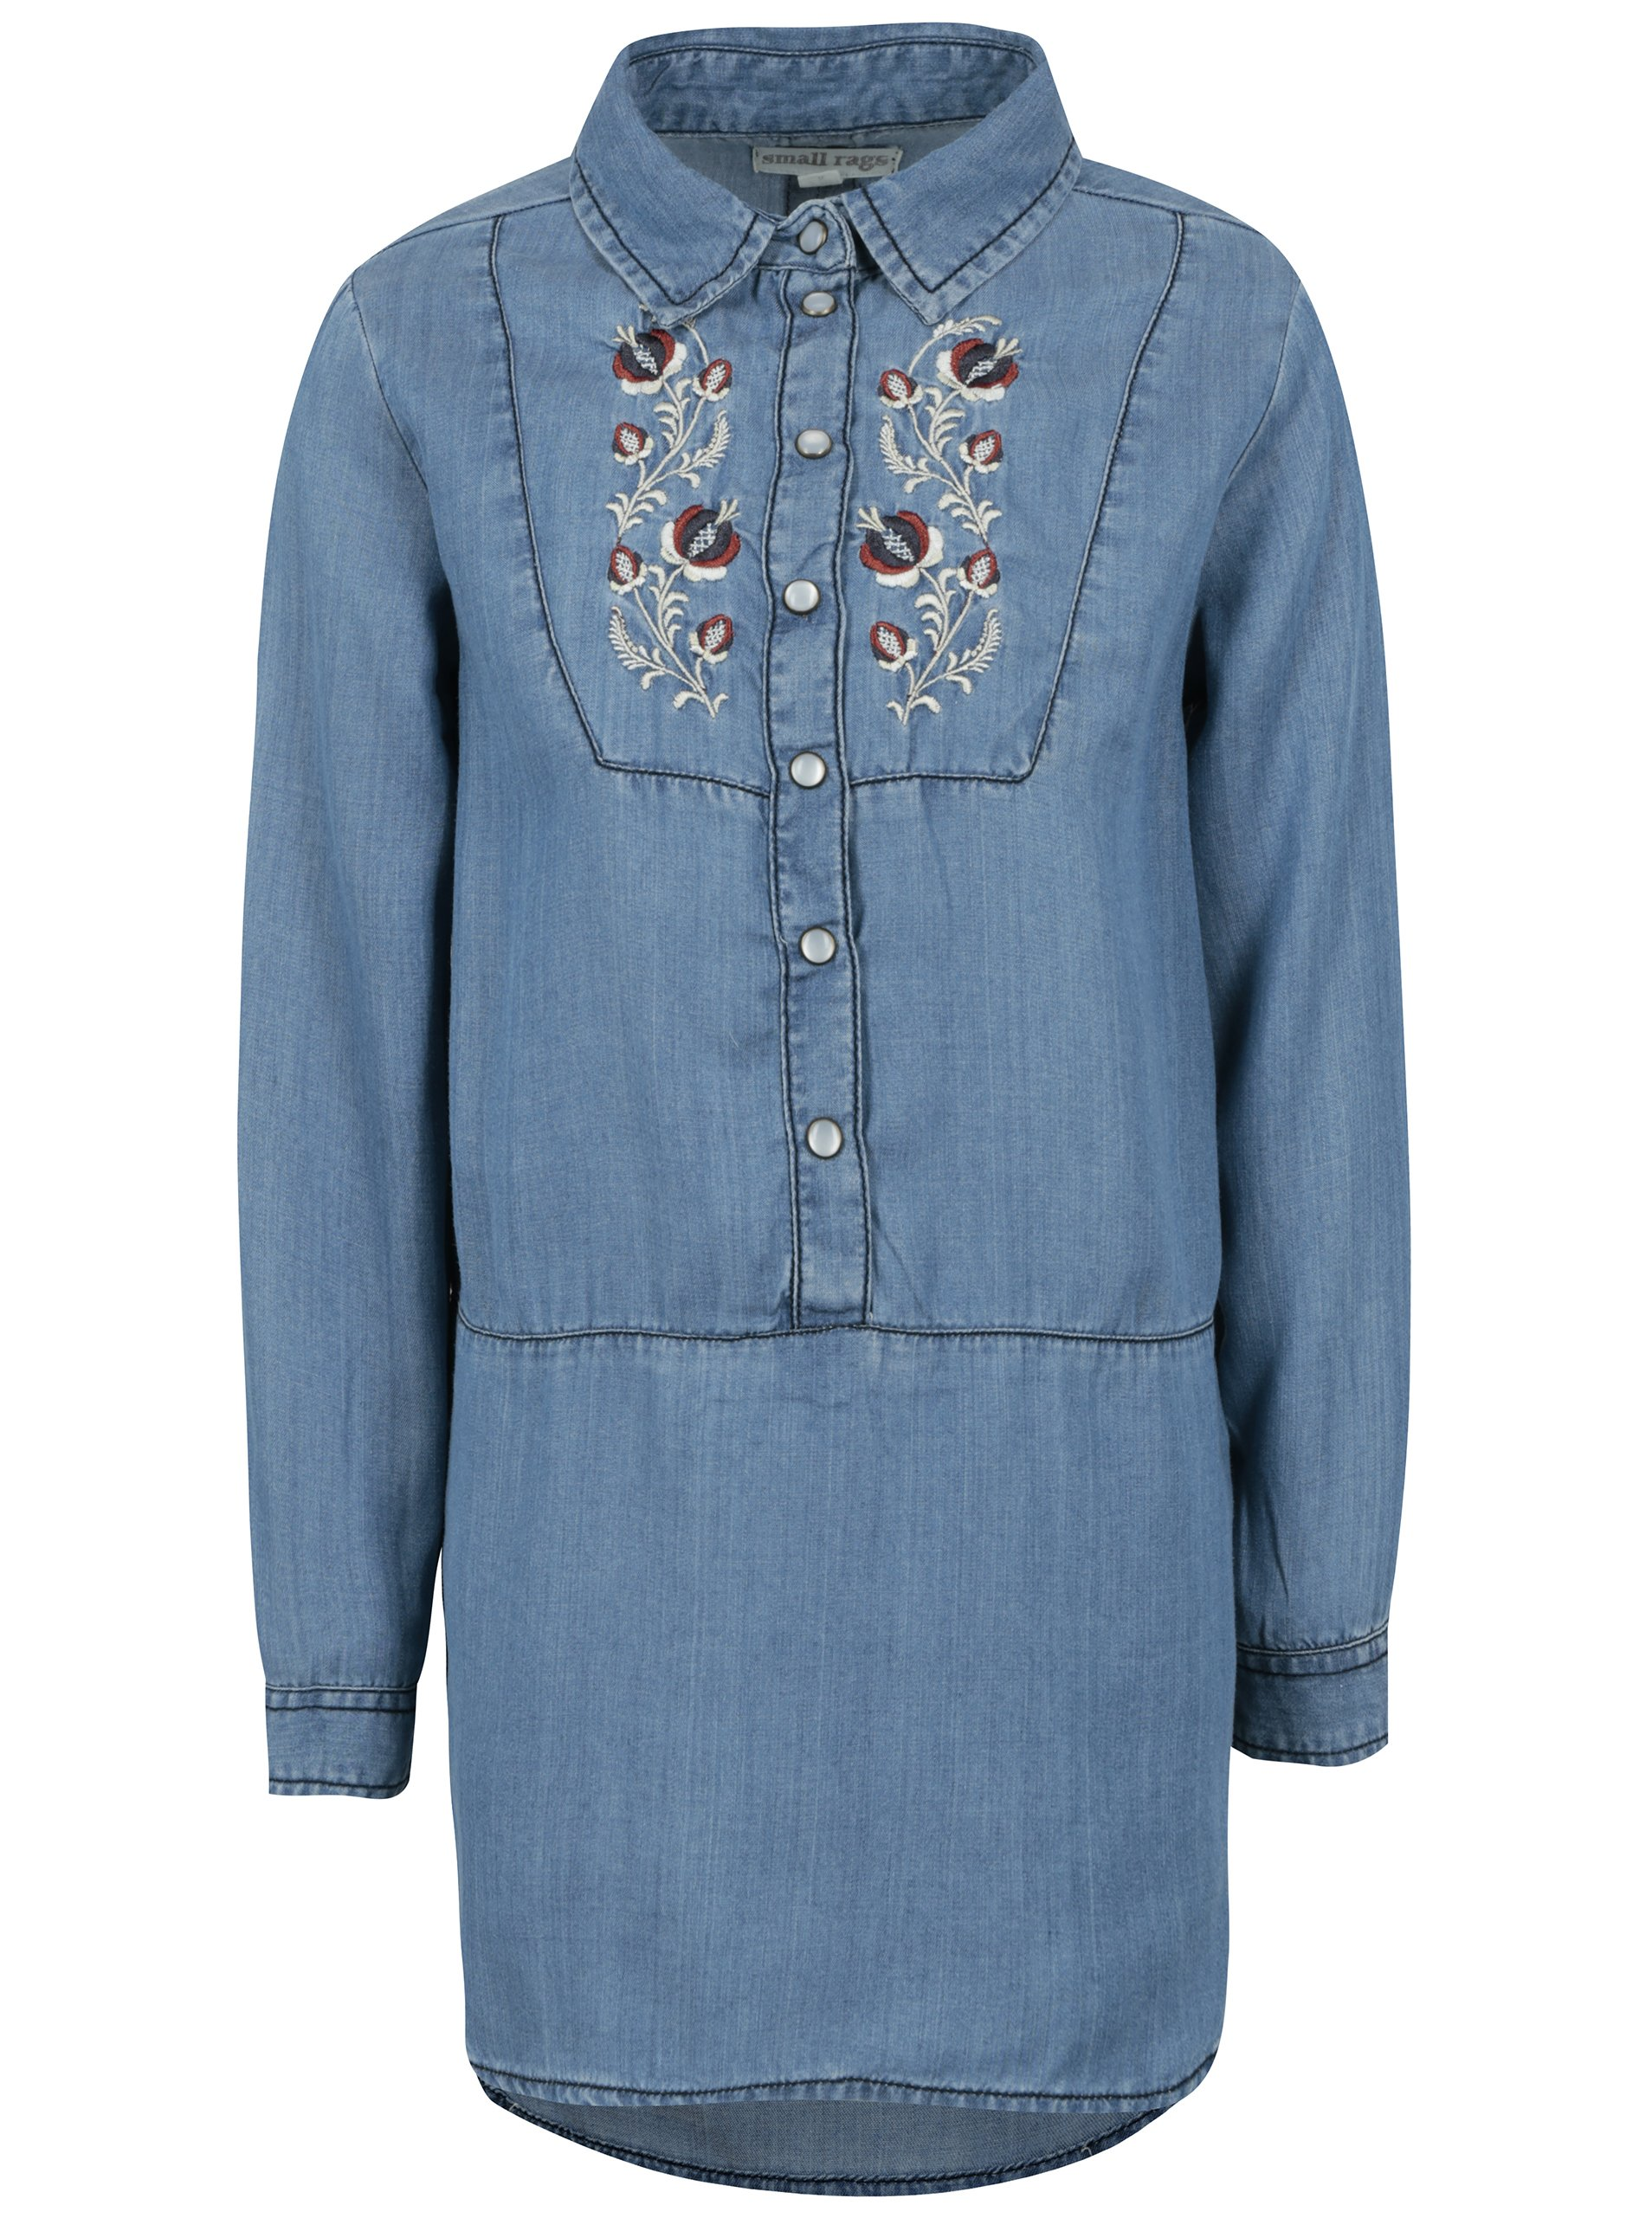 Modrá holčičí dlouhá džínová košile s výšivkou small rags Freya